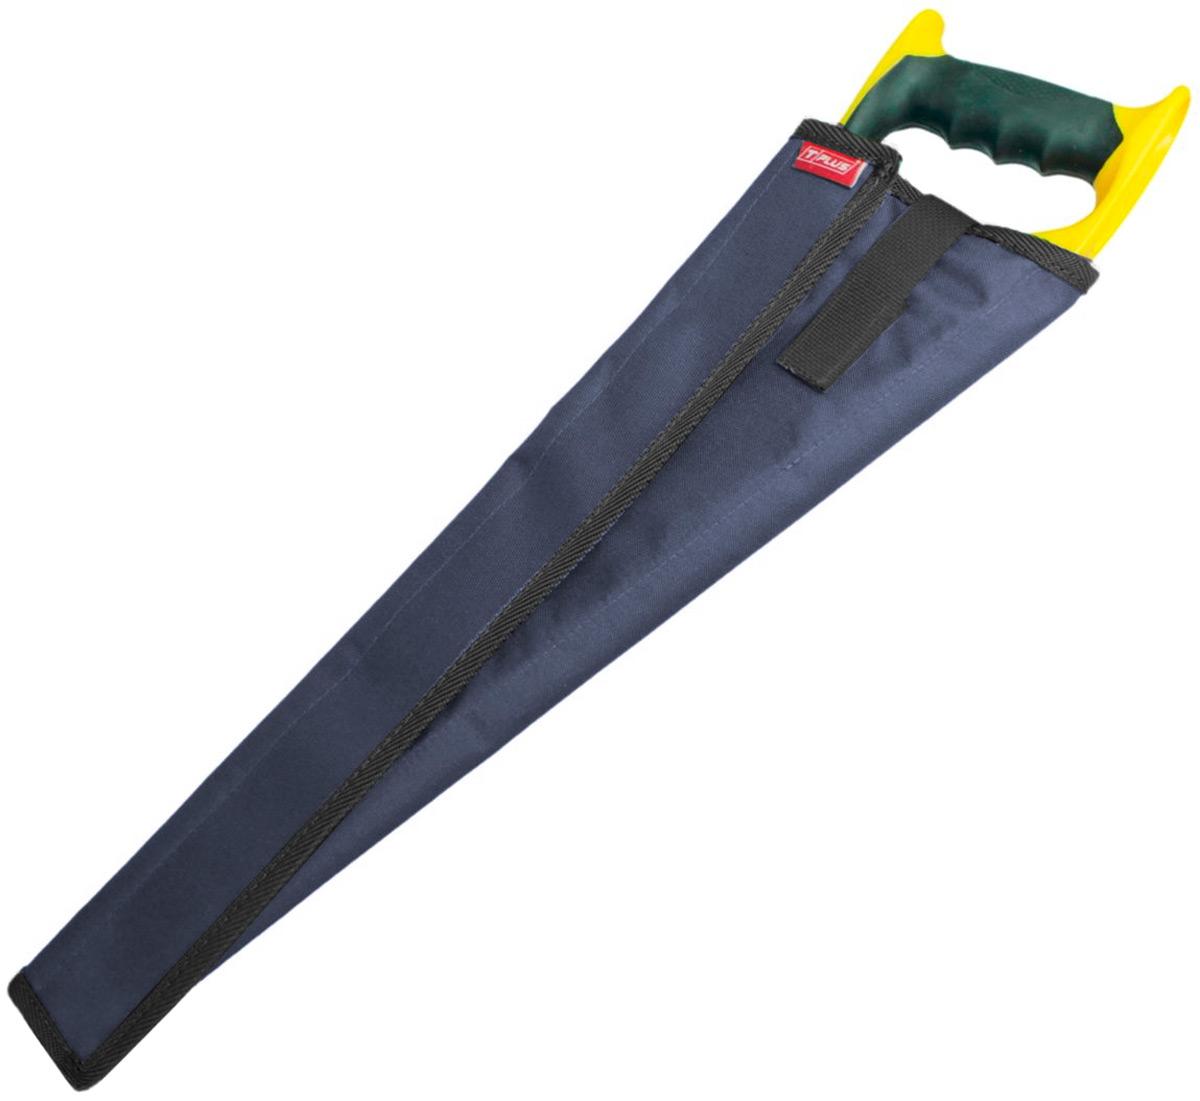 Чехол для ножовки Tplus, оксфорд 600, цвет: синий, 40 см